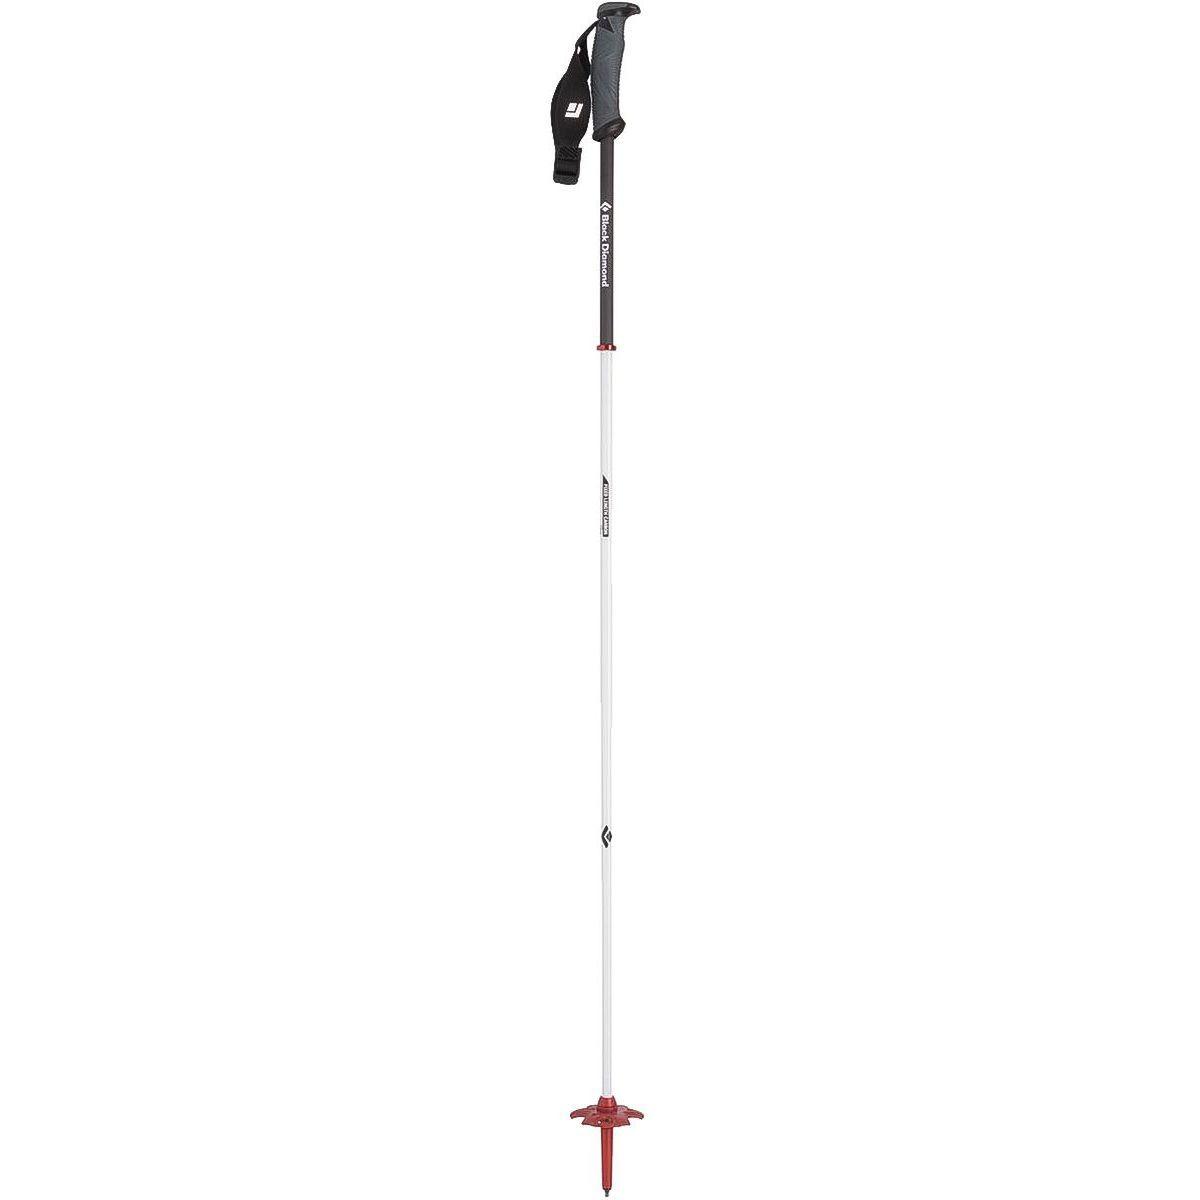 Fixed Length Carbon Ski Poles Ski Poles Skiing Black Diamond